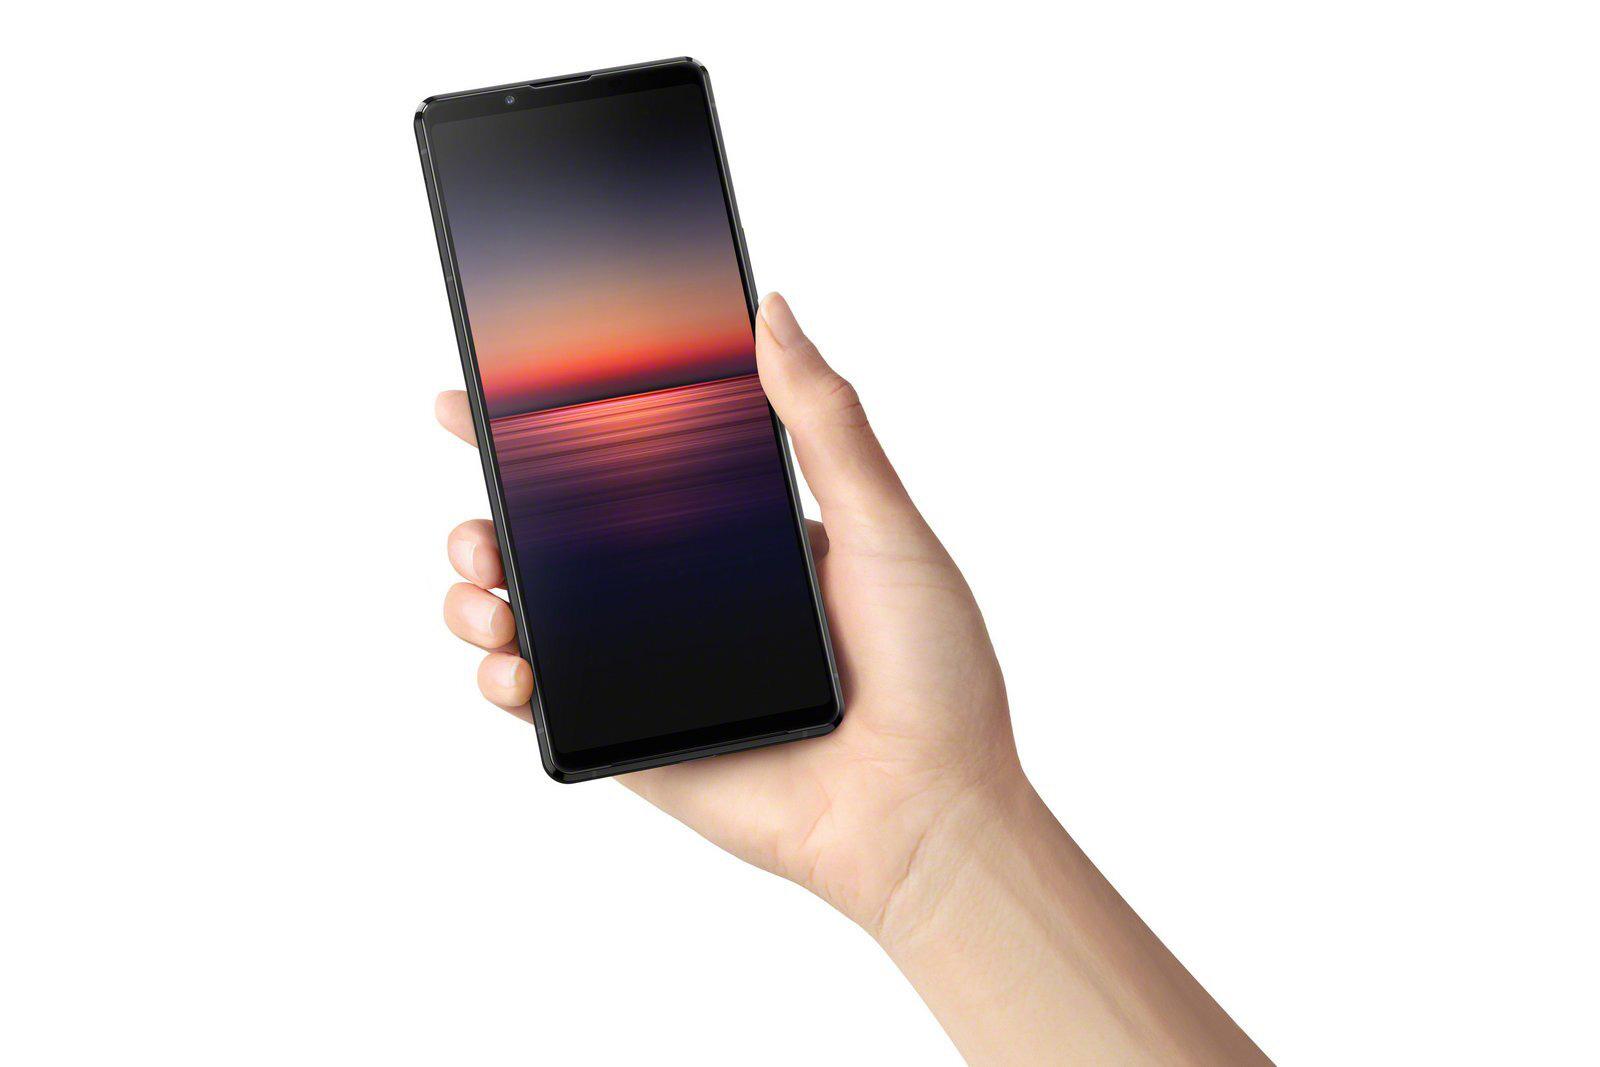 Sony Xperia 1 II, chiếc điện thoại 5G đẹp nhất của Sony đã lộ diện - Ảnh 2.